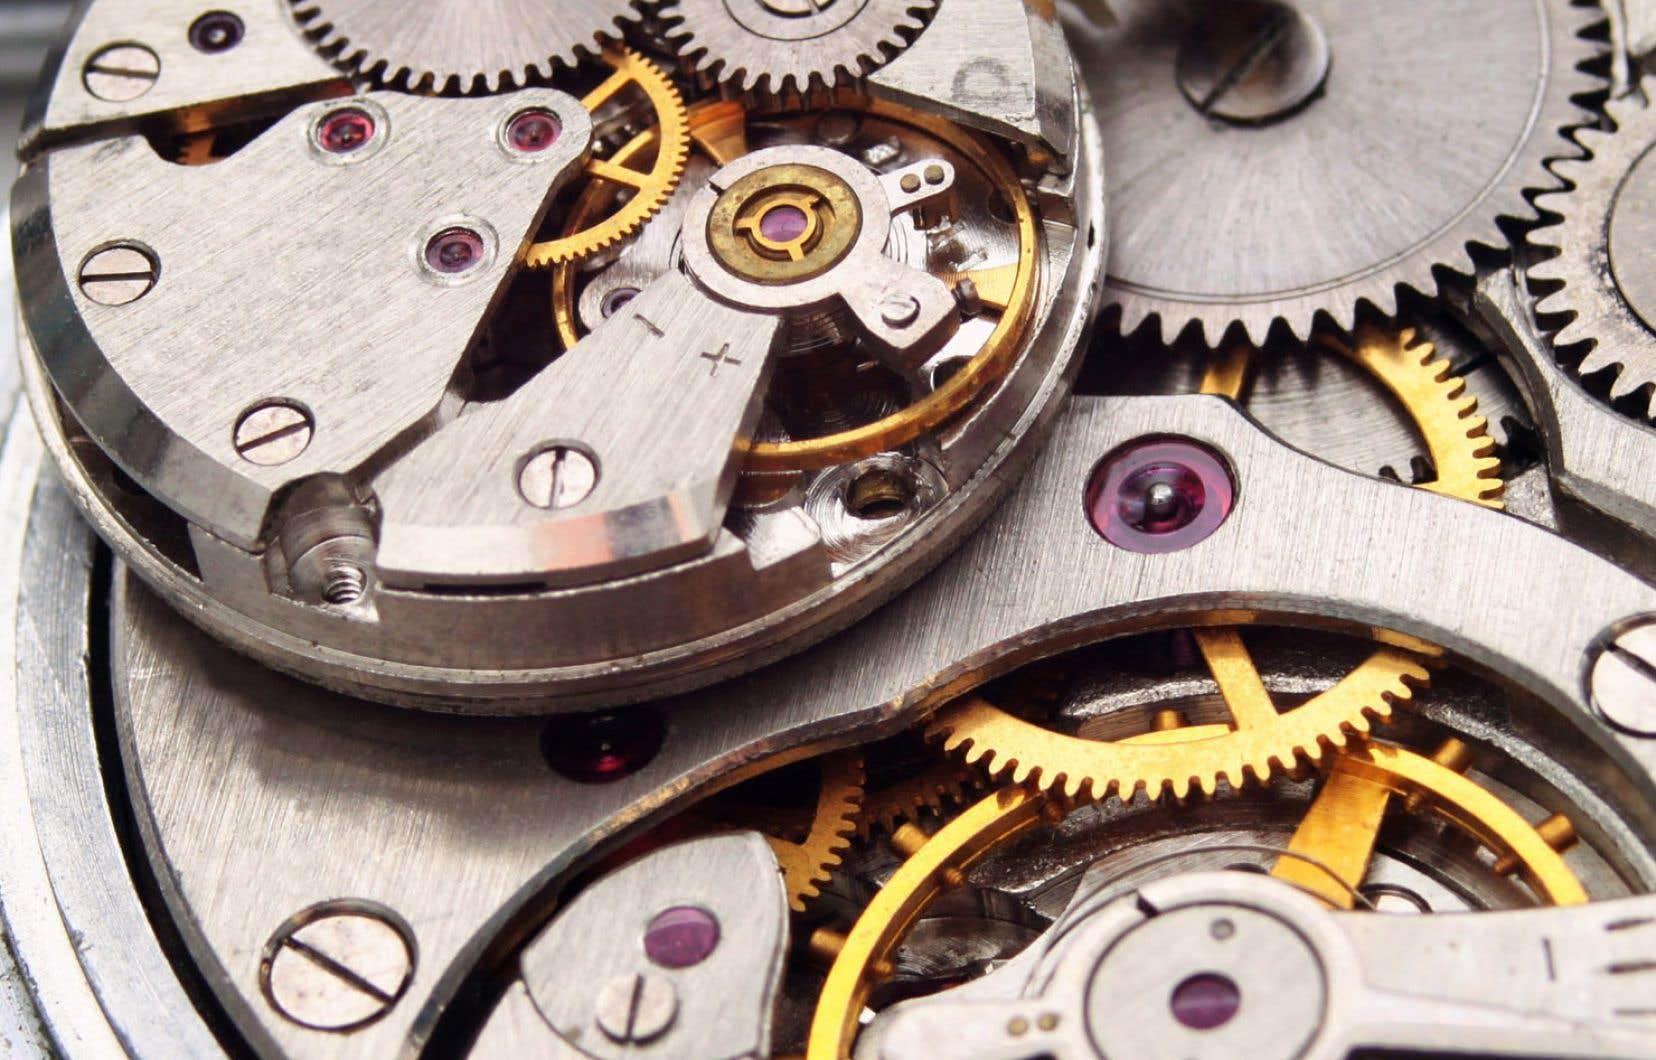 Pendant qu'on ne fait rien, le temps joue en faveur de mon voleur et mes montres risquent de se retrouver sur un site de revente de montres volées, croit François Lambert.